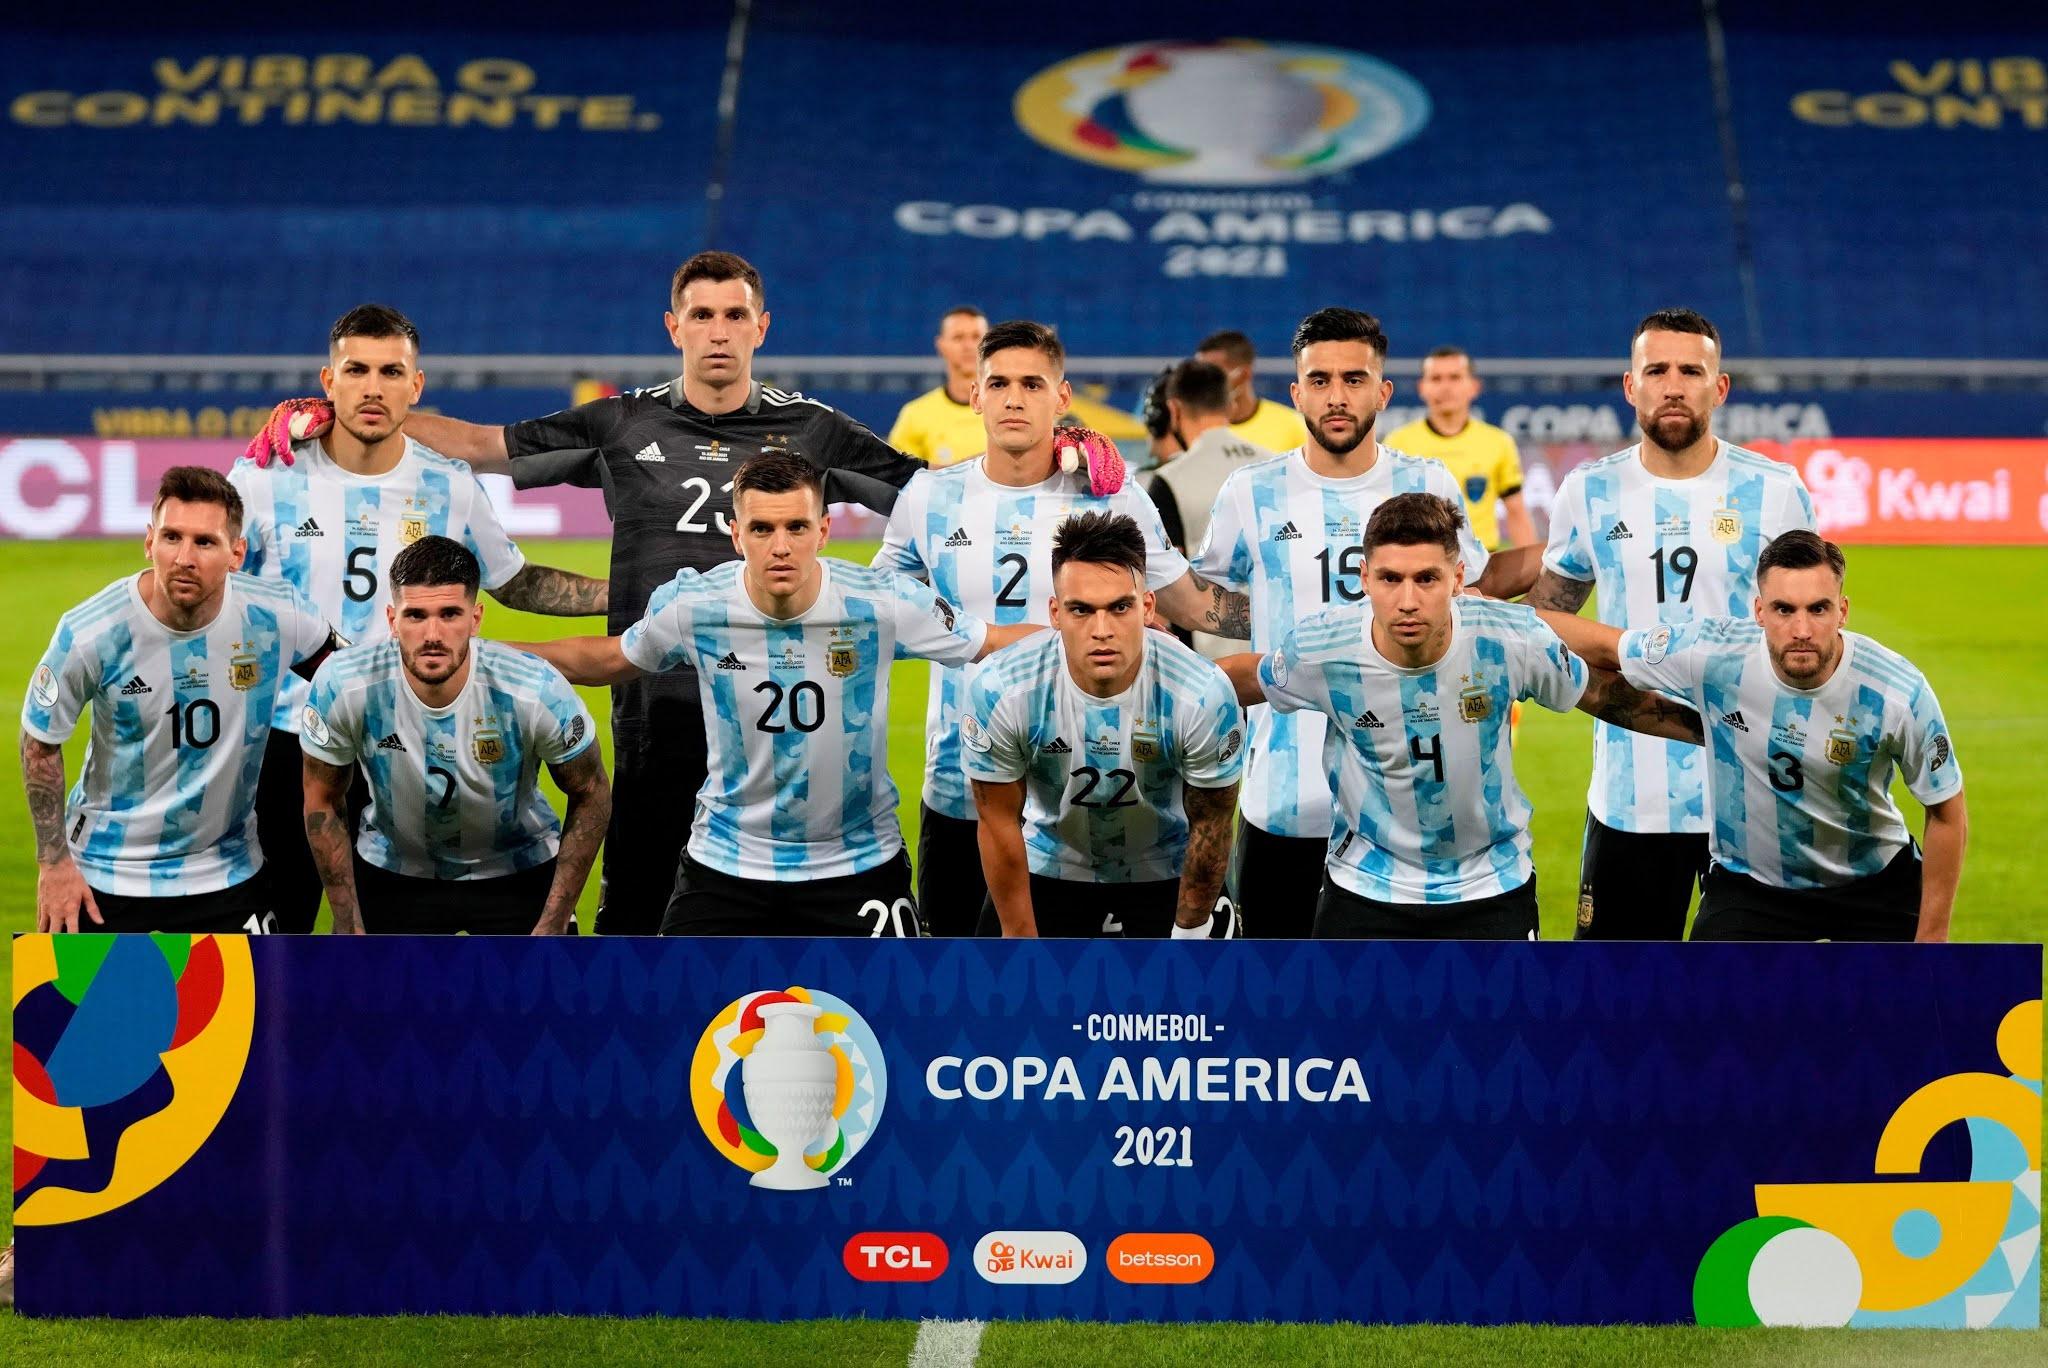 Formación de Argentina ante Chile, Copa América 2021, 14 de junio